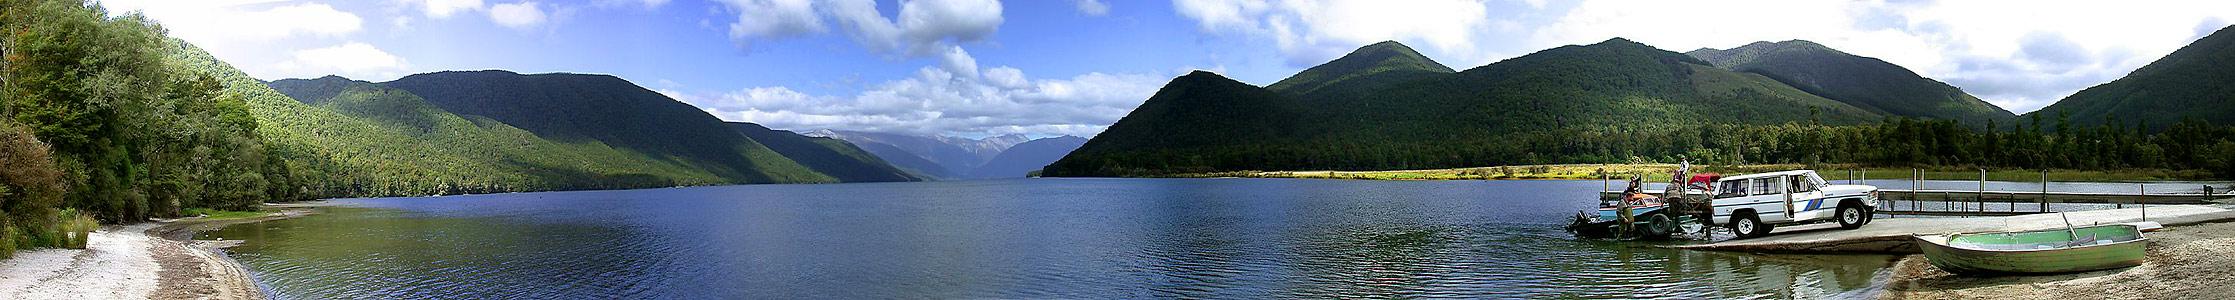 Lake Rotoroa